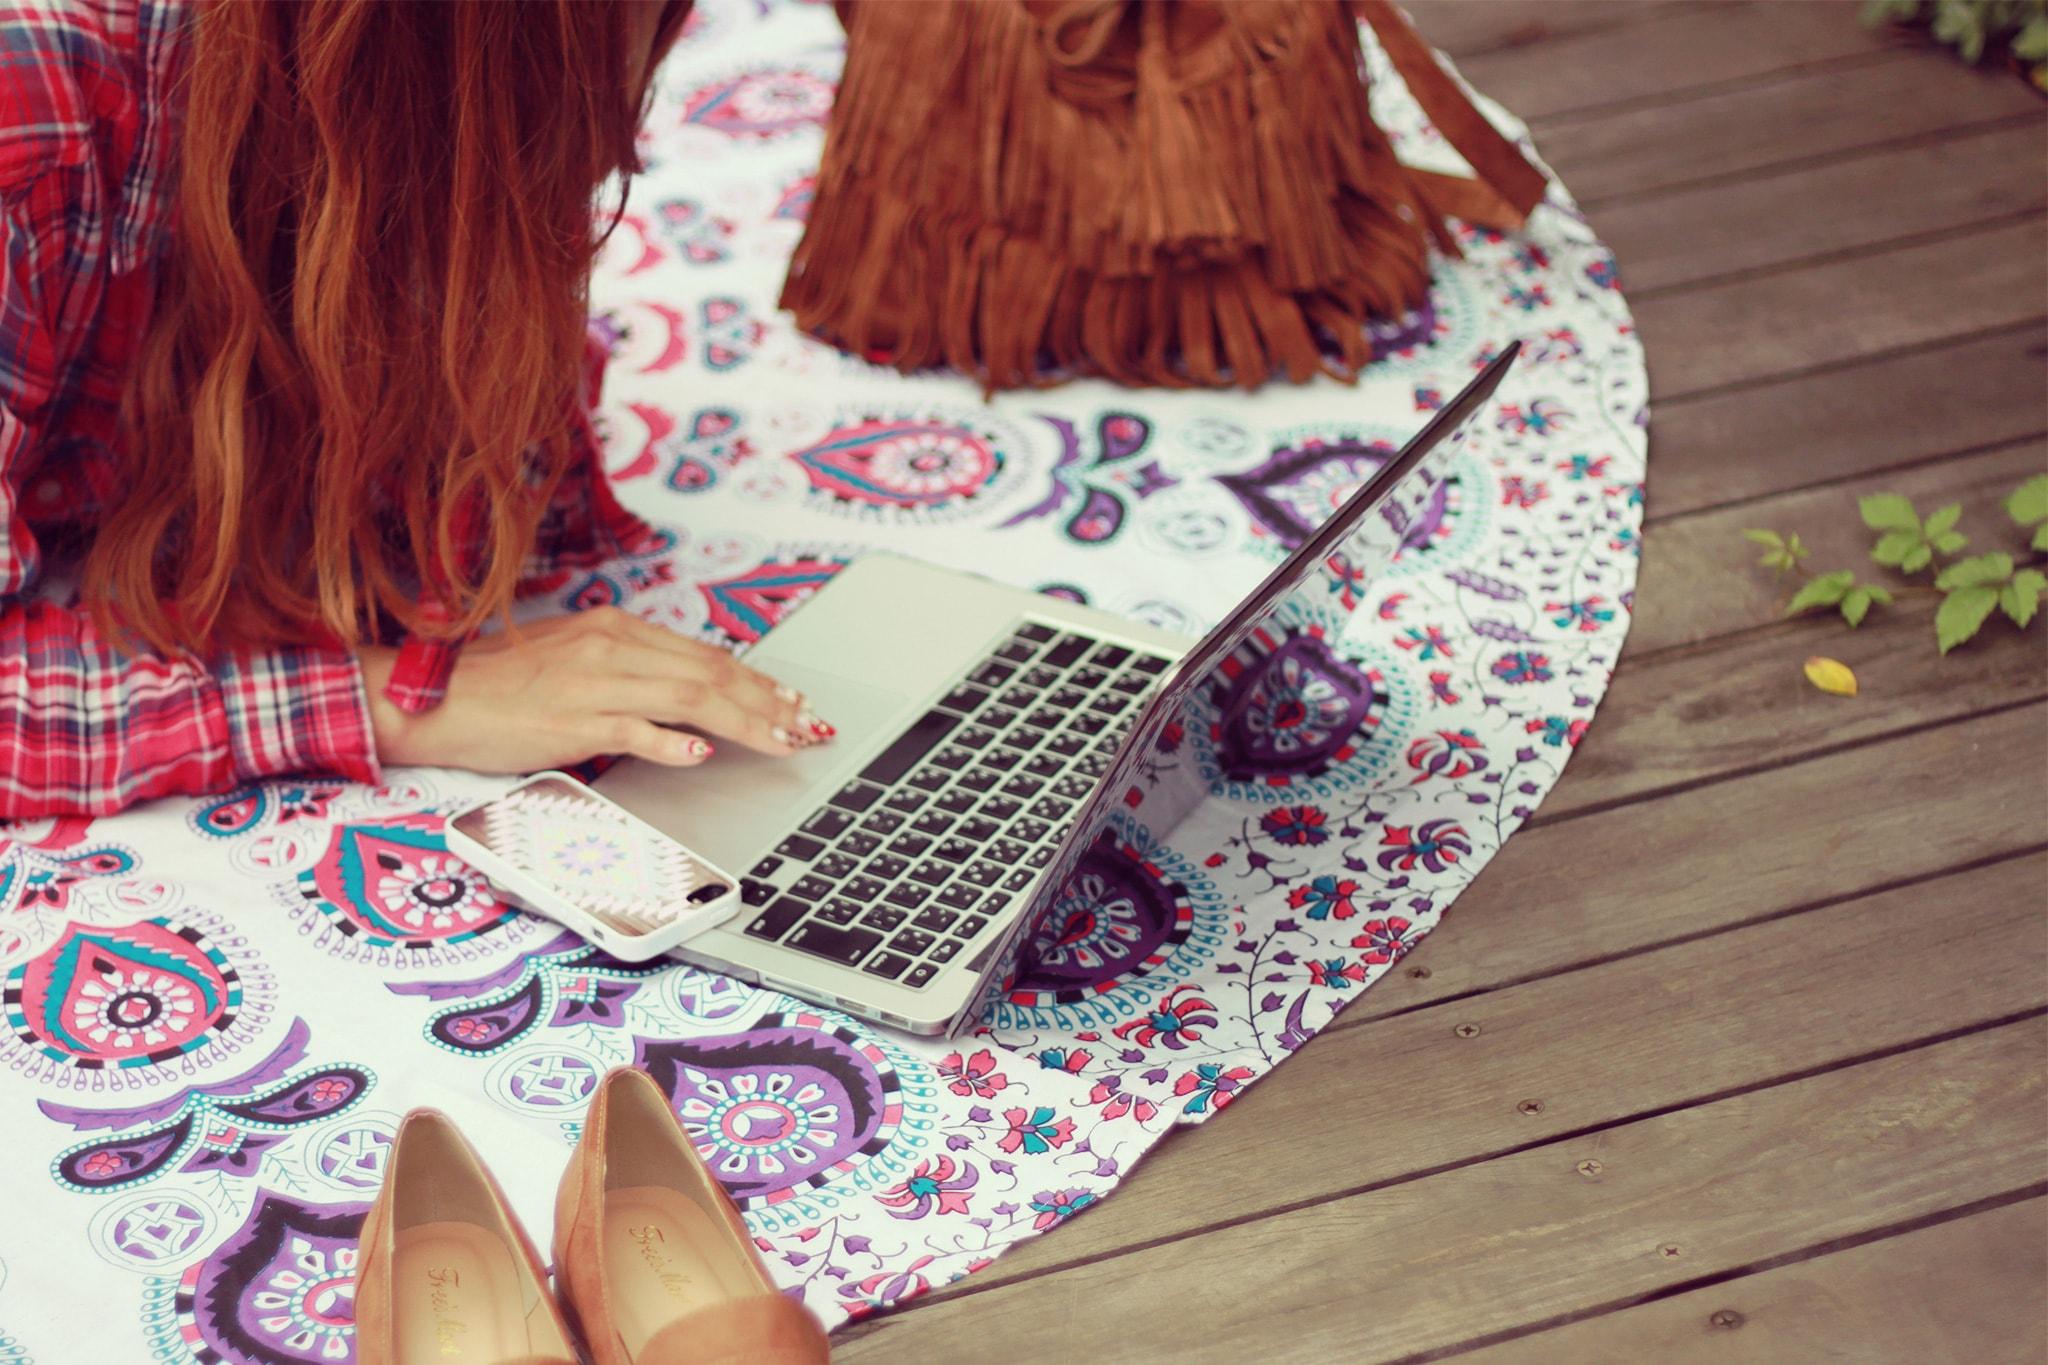 ブログアフィリエイトの魅力についてパソコンで記事を書いている女性の画像